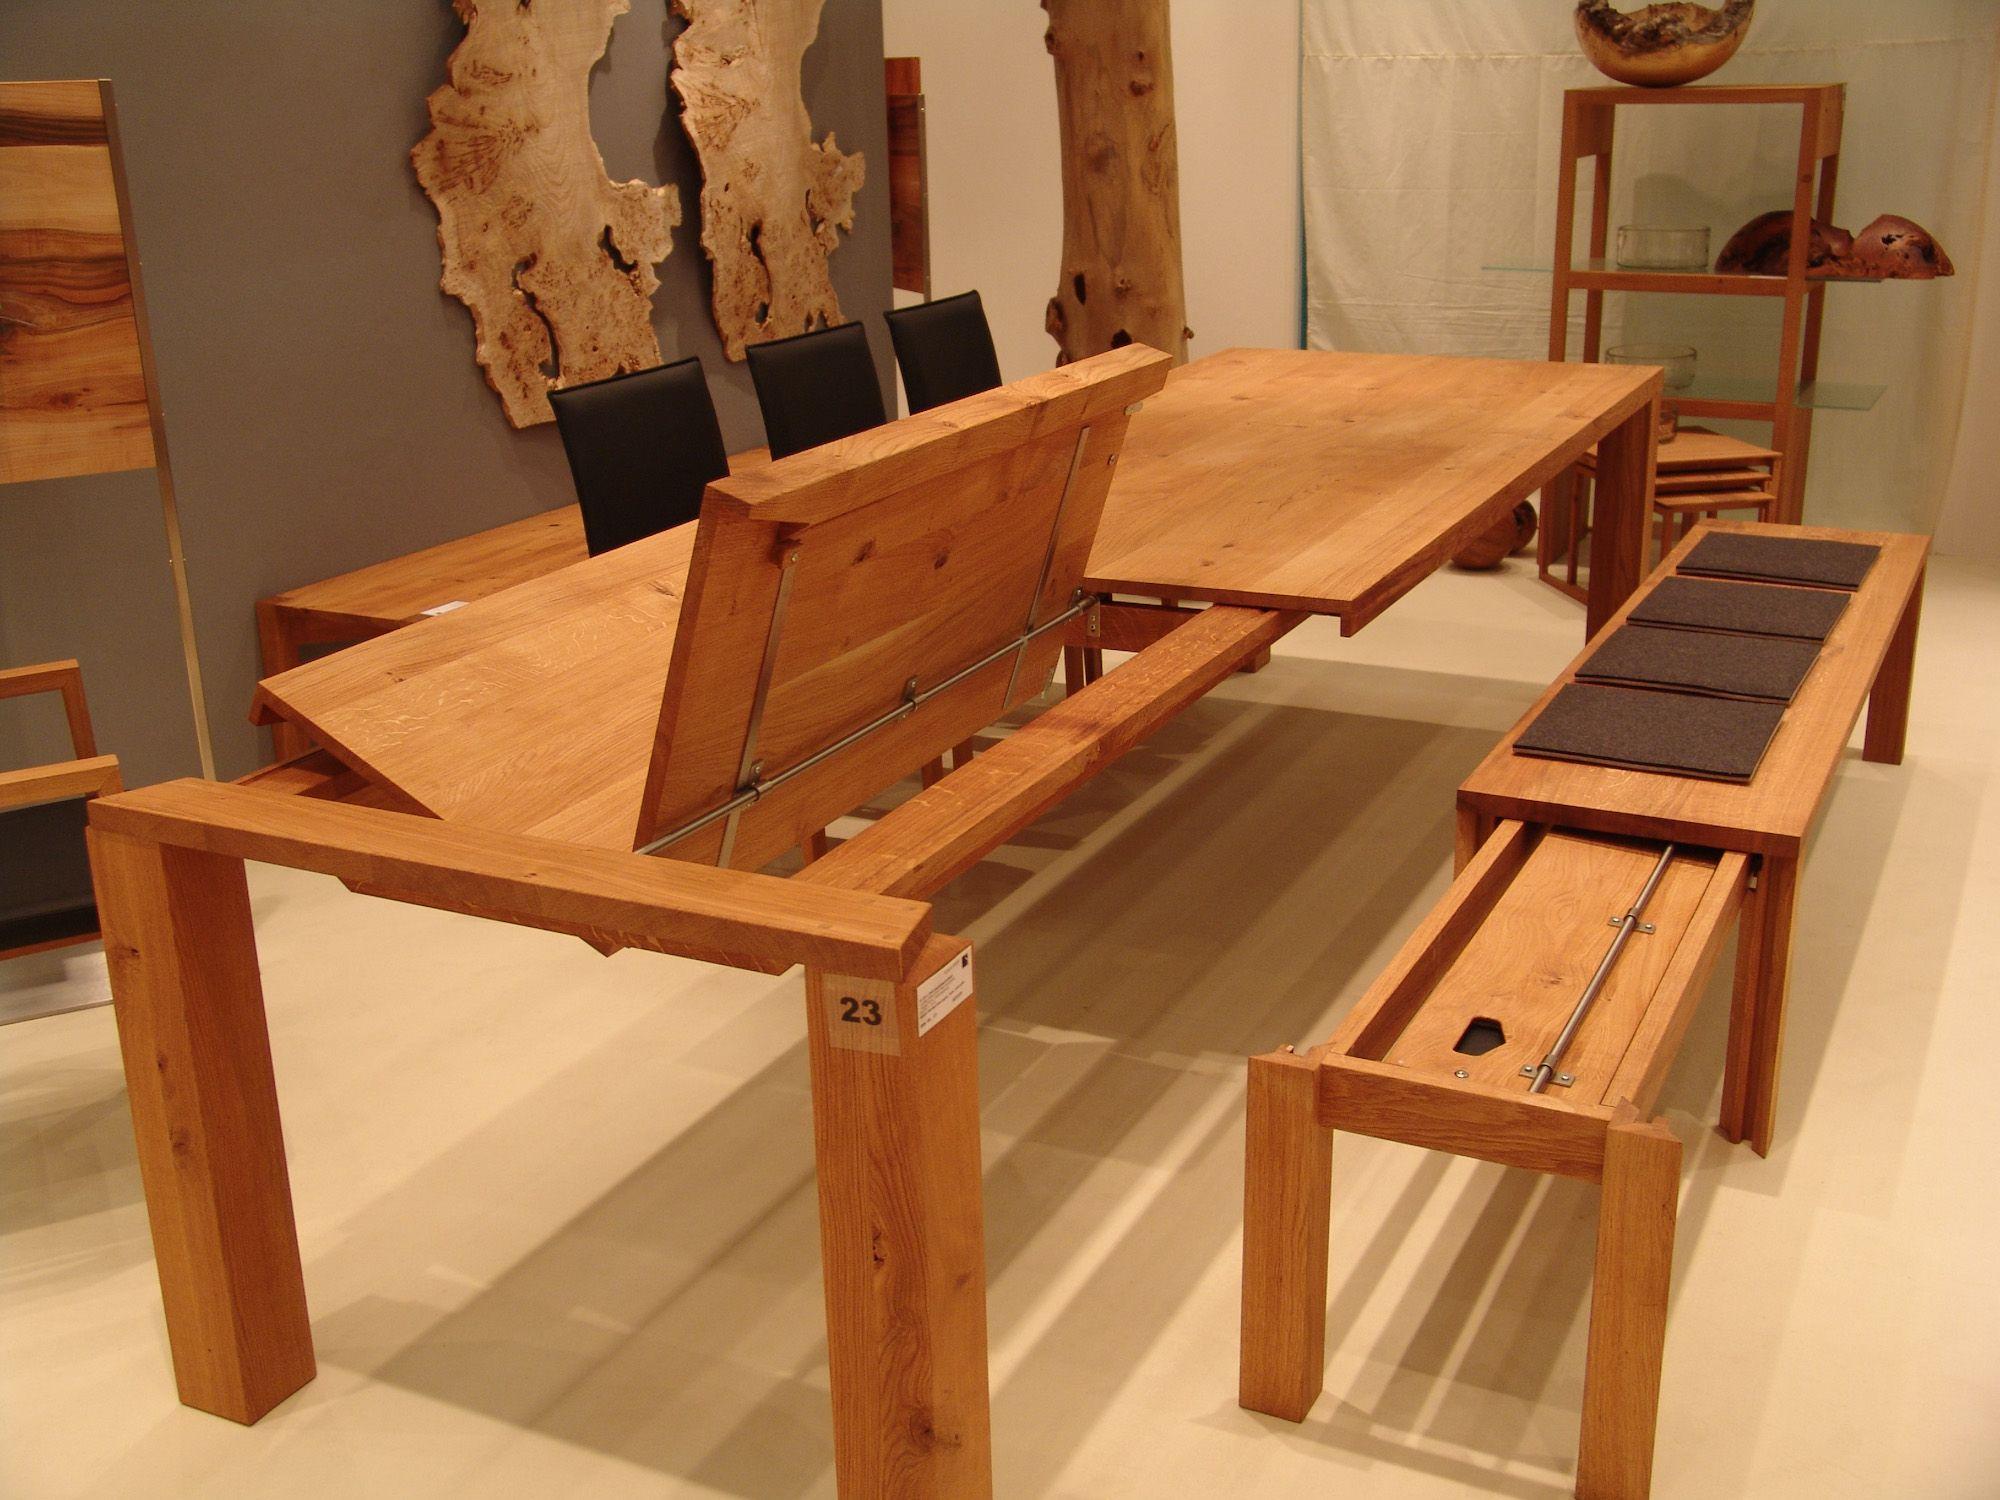 Hochwertig Esstisch | Holz Massiv | Mit Klappeinlage | Bank | Ausziehbar   Bei Möbel  Morschett